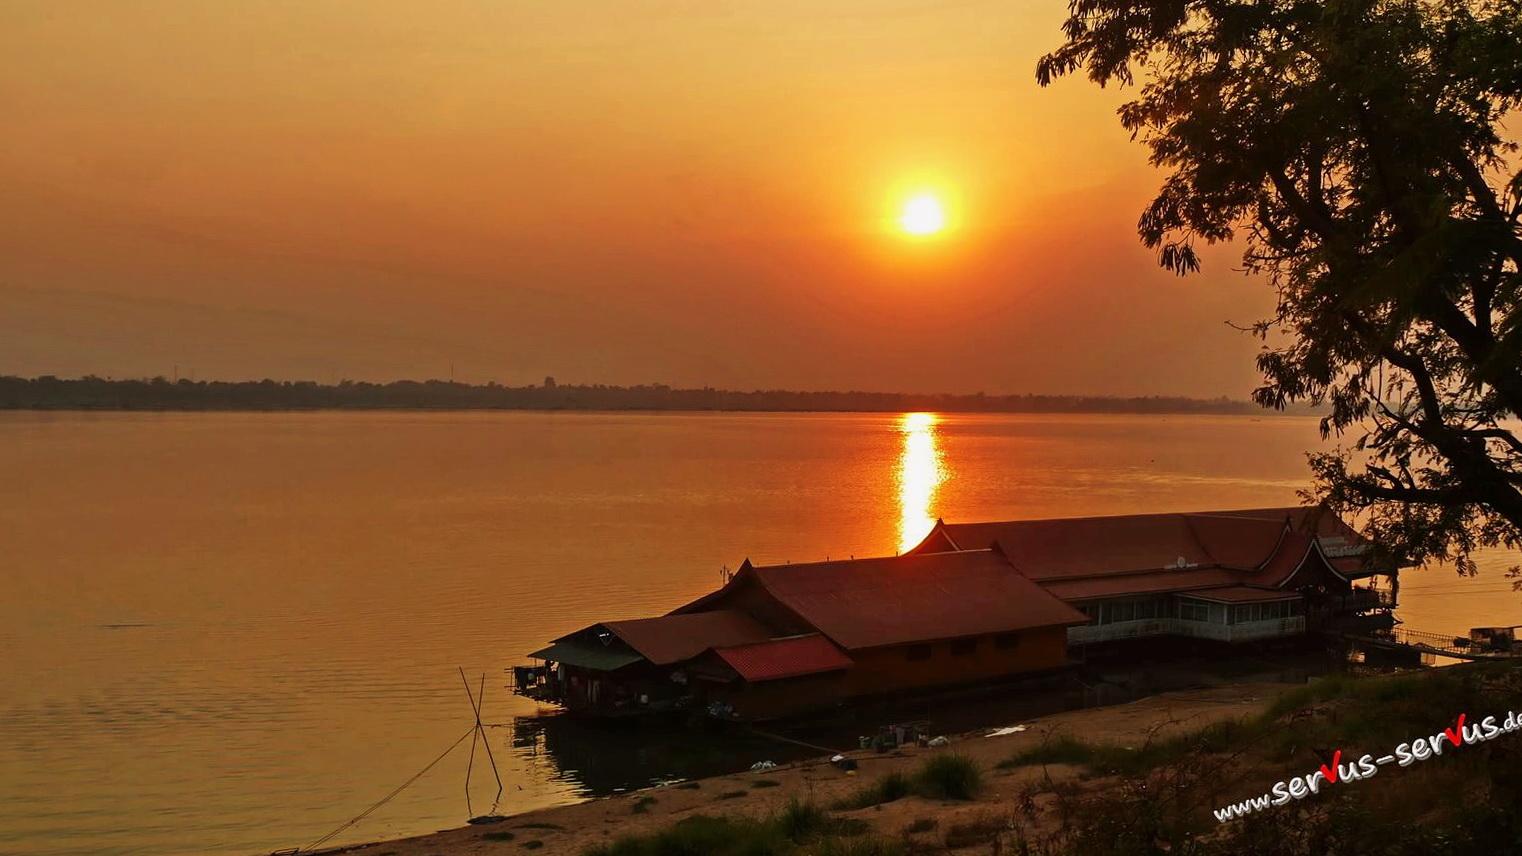 Sonnenuntergang am Mekong in Pakse